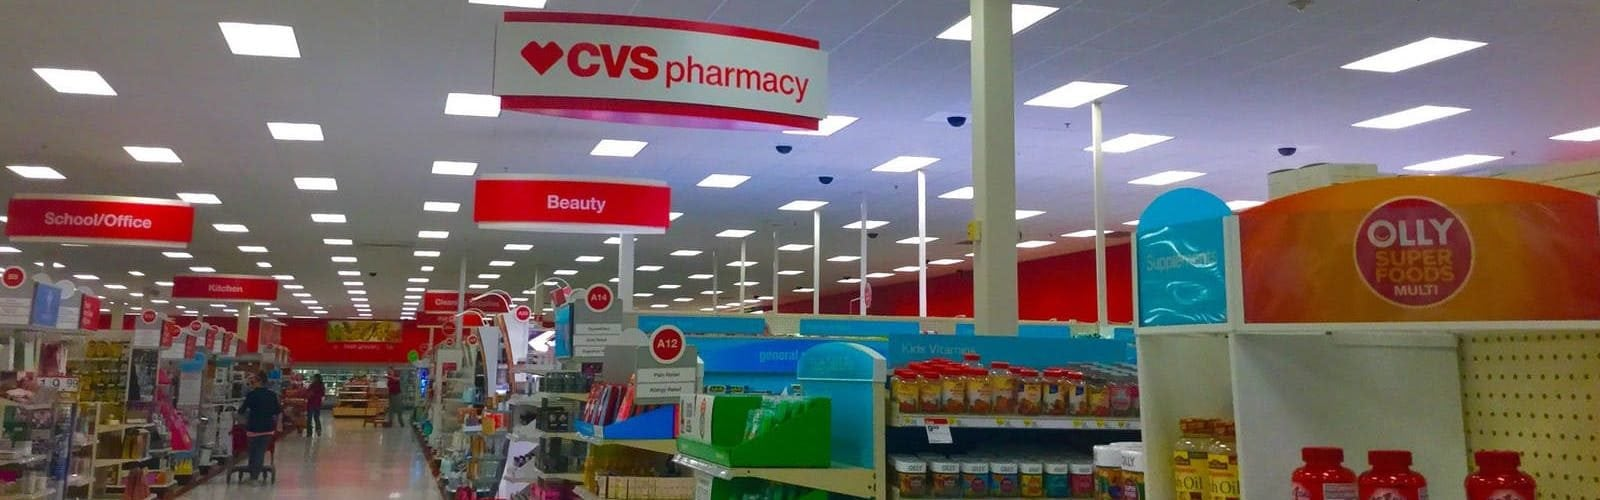 Les Pharmacies Aux Etats Unis Medicaments Ordonnance